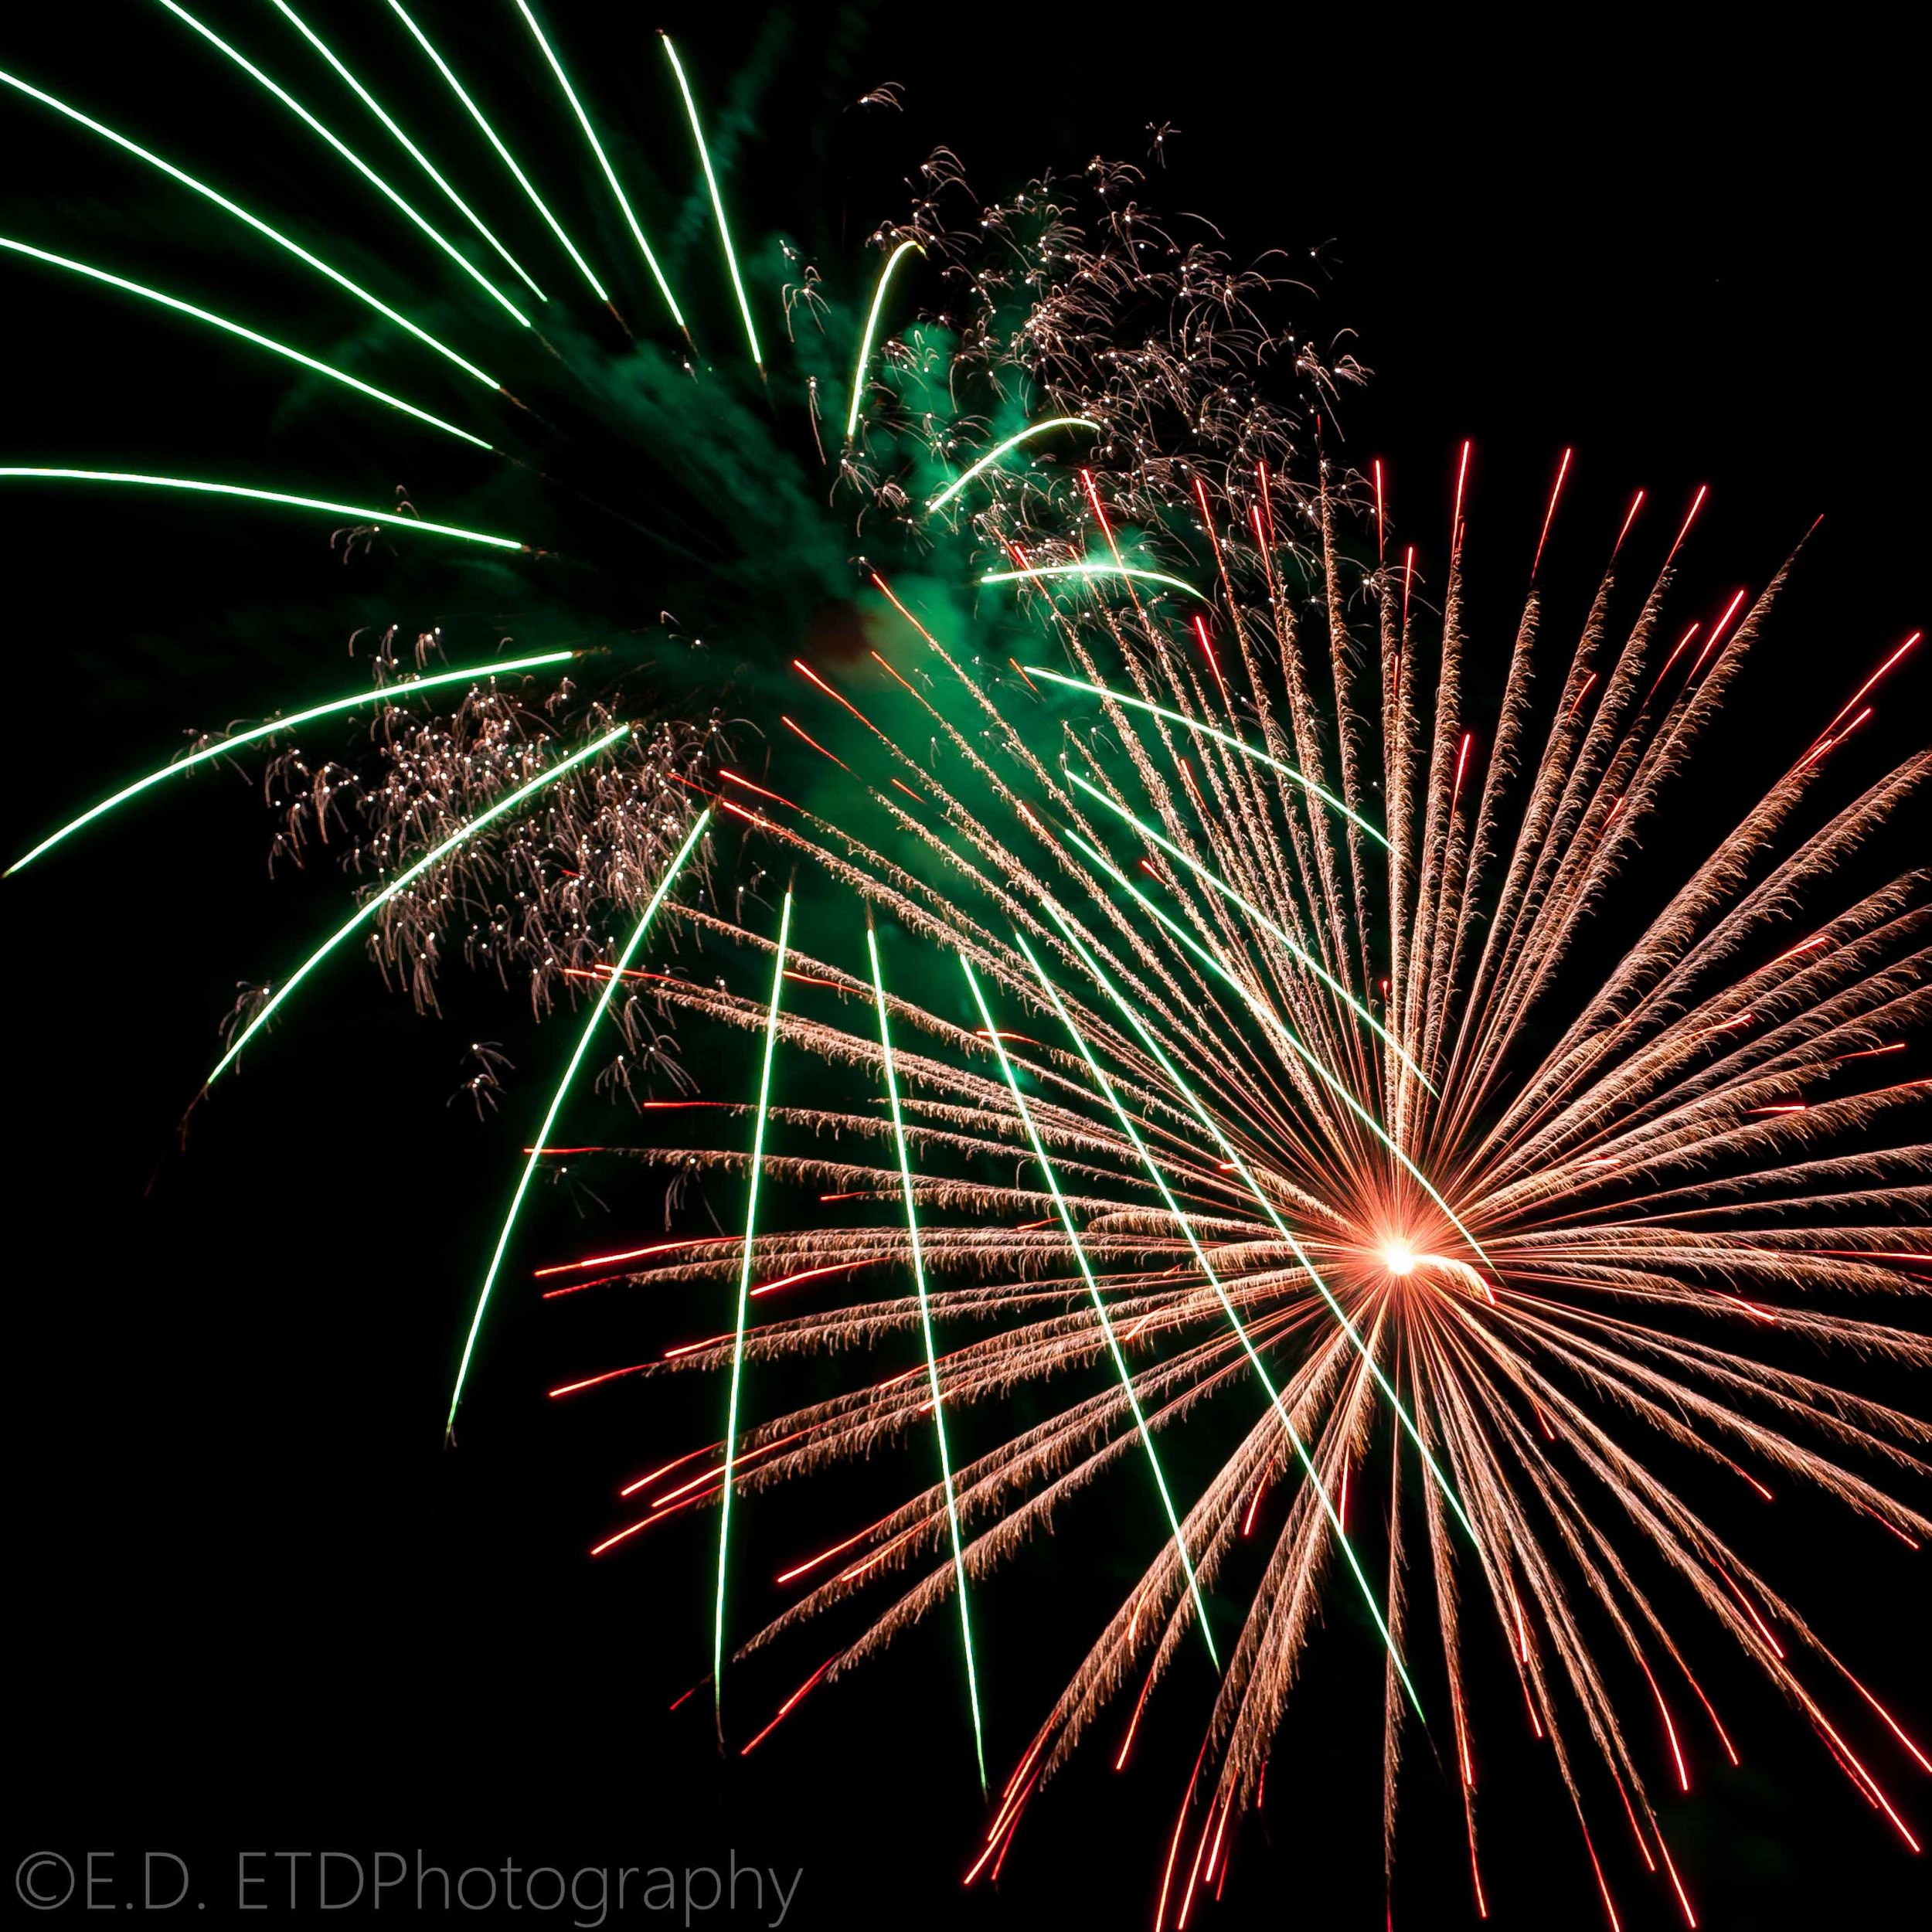 Longer shutter speeds are great for fireworks: Nikon D60 18-55mm @55mm f/9 1.5 sec. ISO - 100